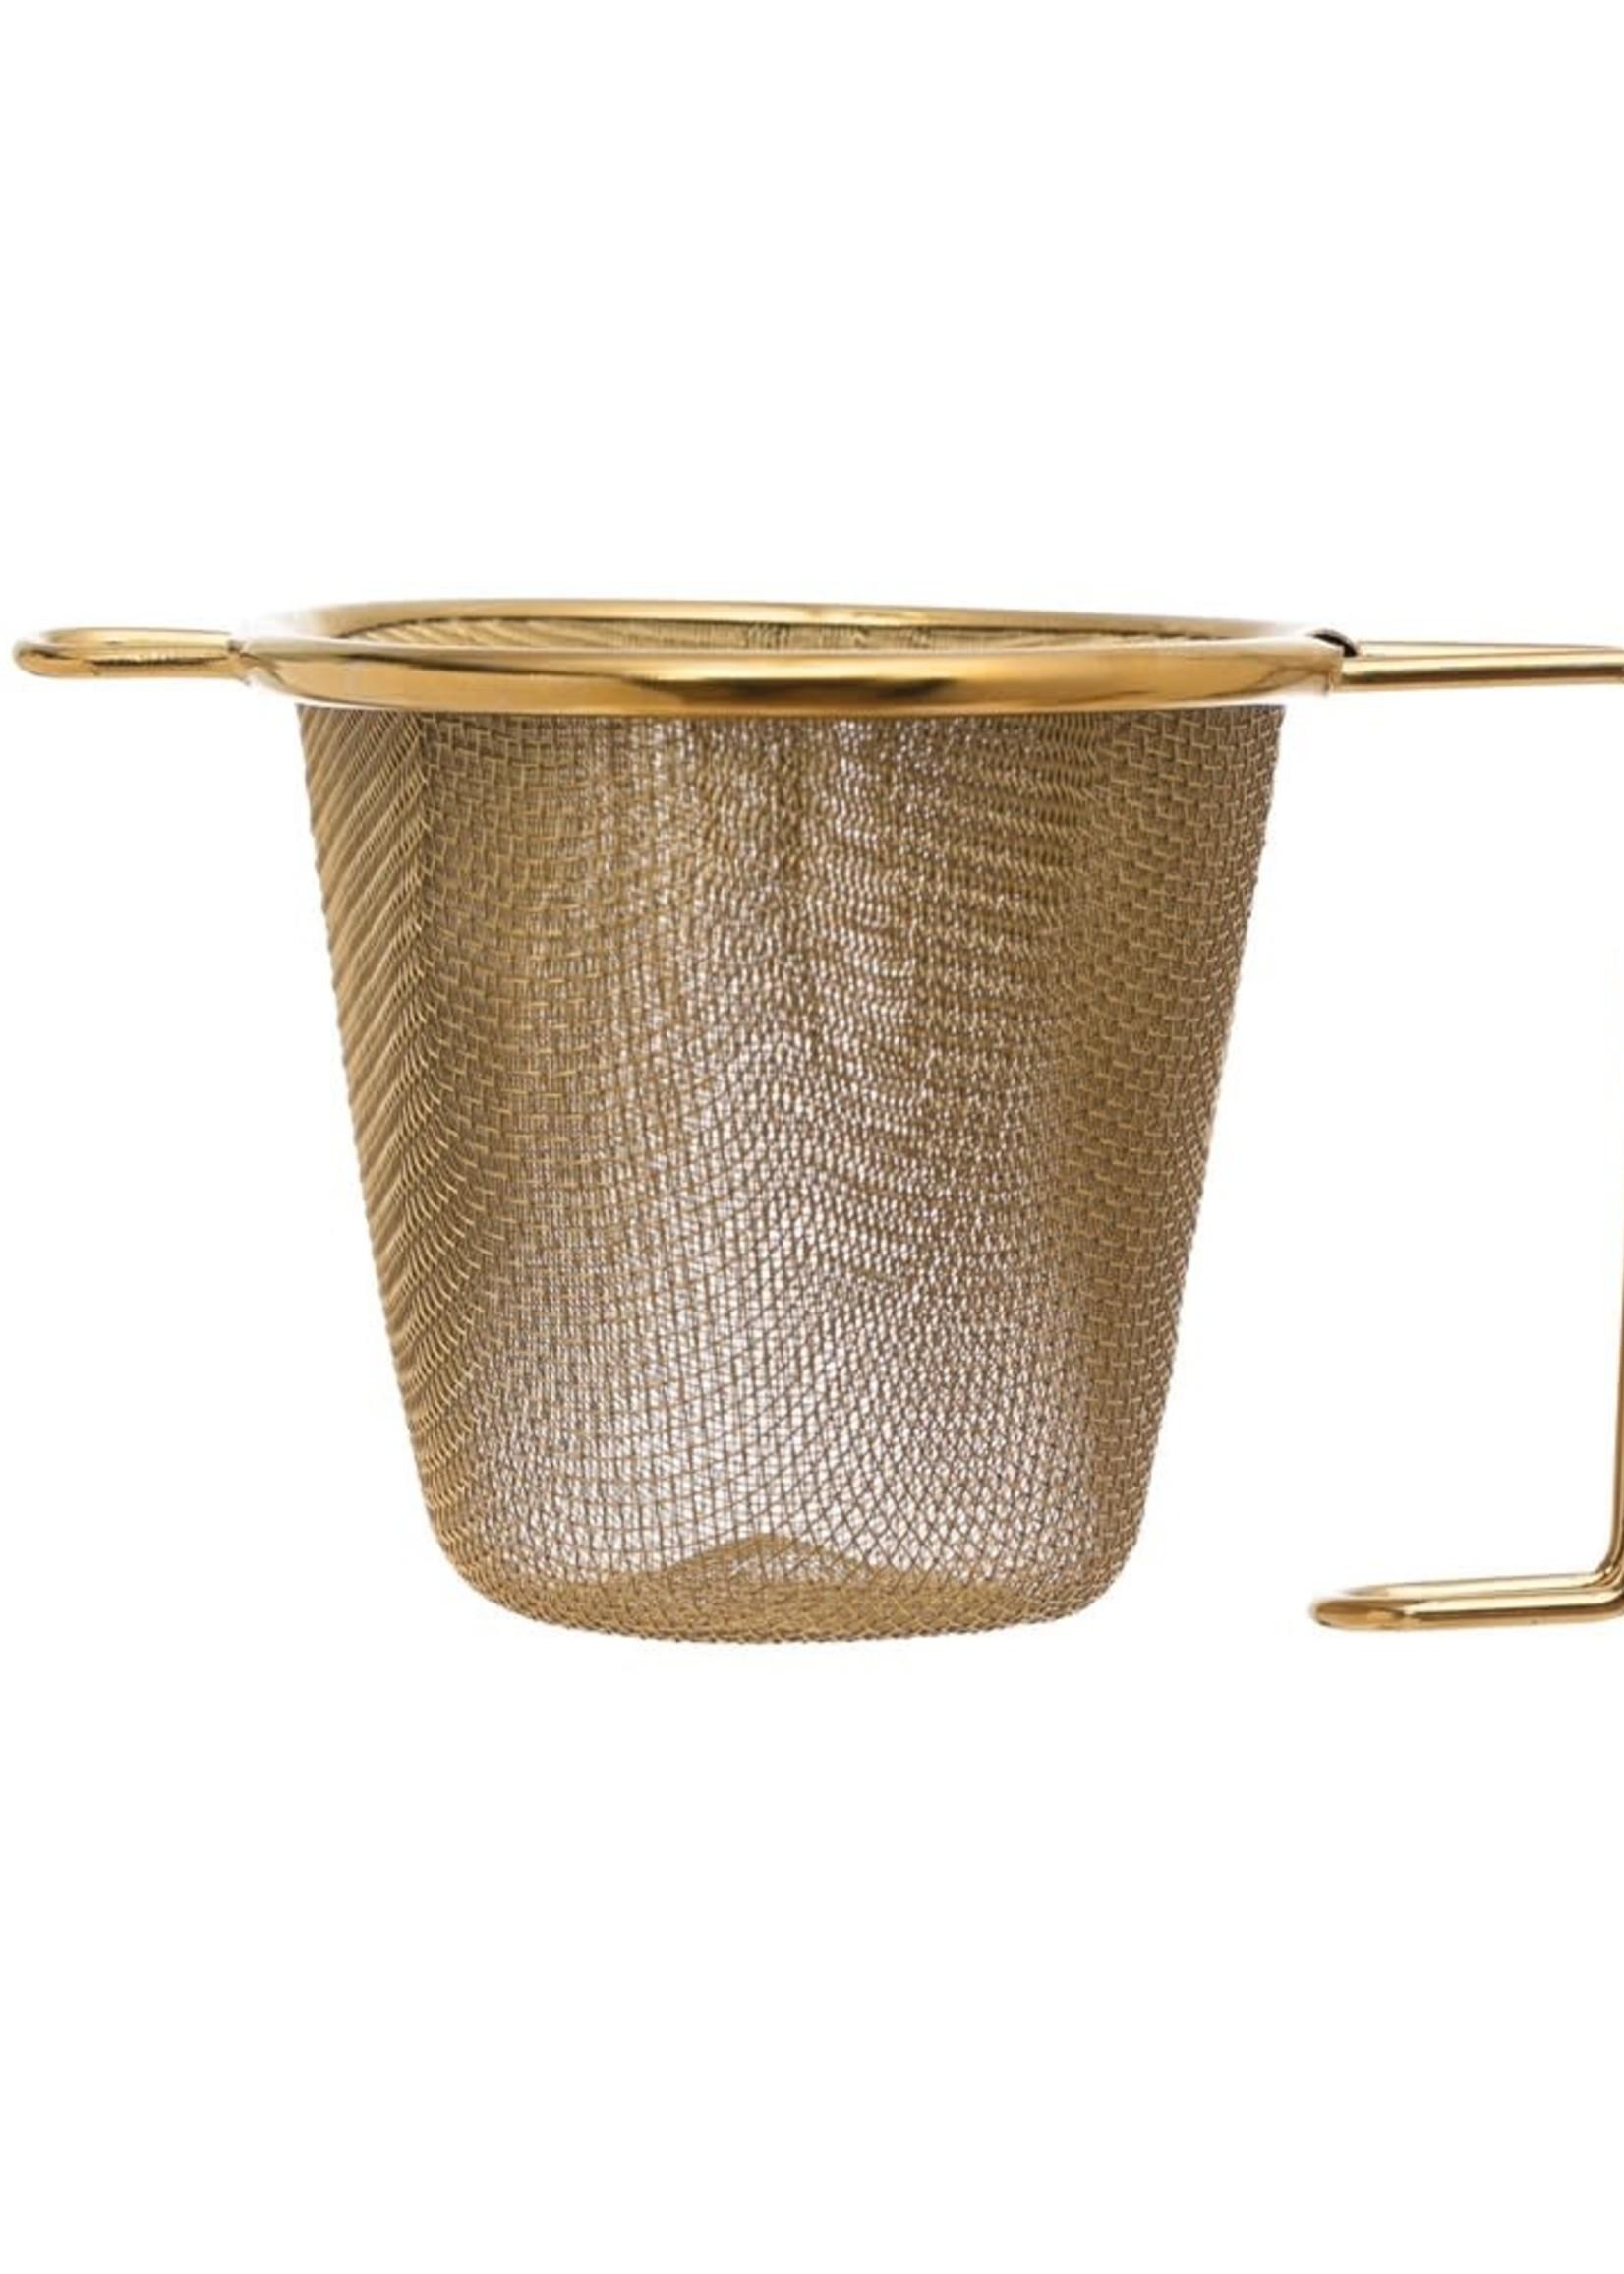 CREATIVE COOP CCOOP GOLD TEA STRAINER